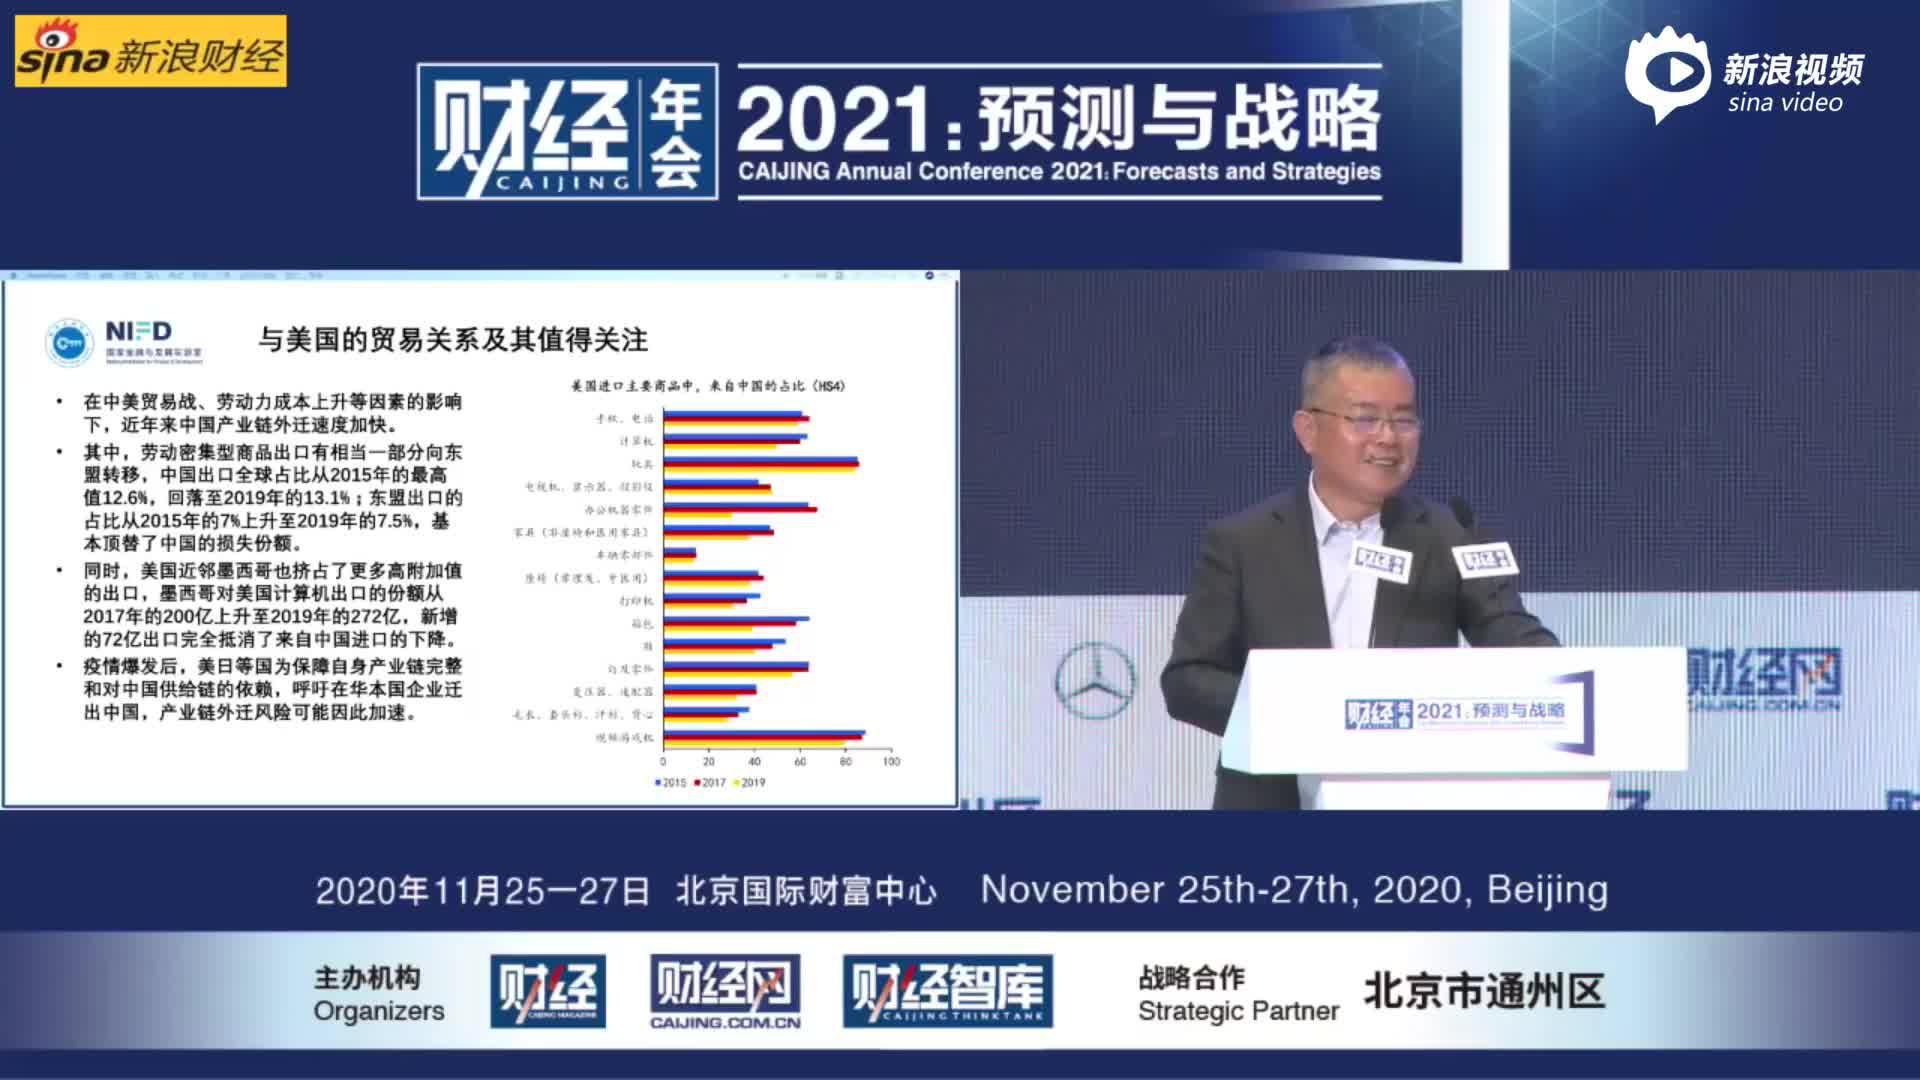 视频丨社科院学部委员李扬:双循环转型中要高度重视非国有企业的作用